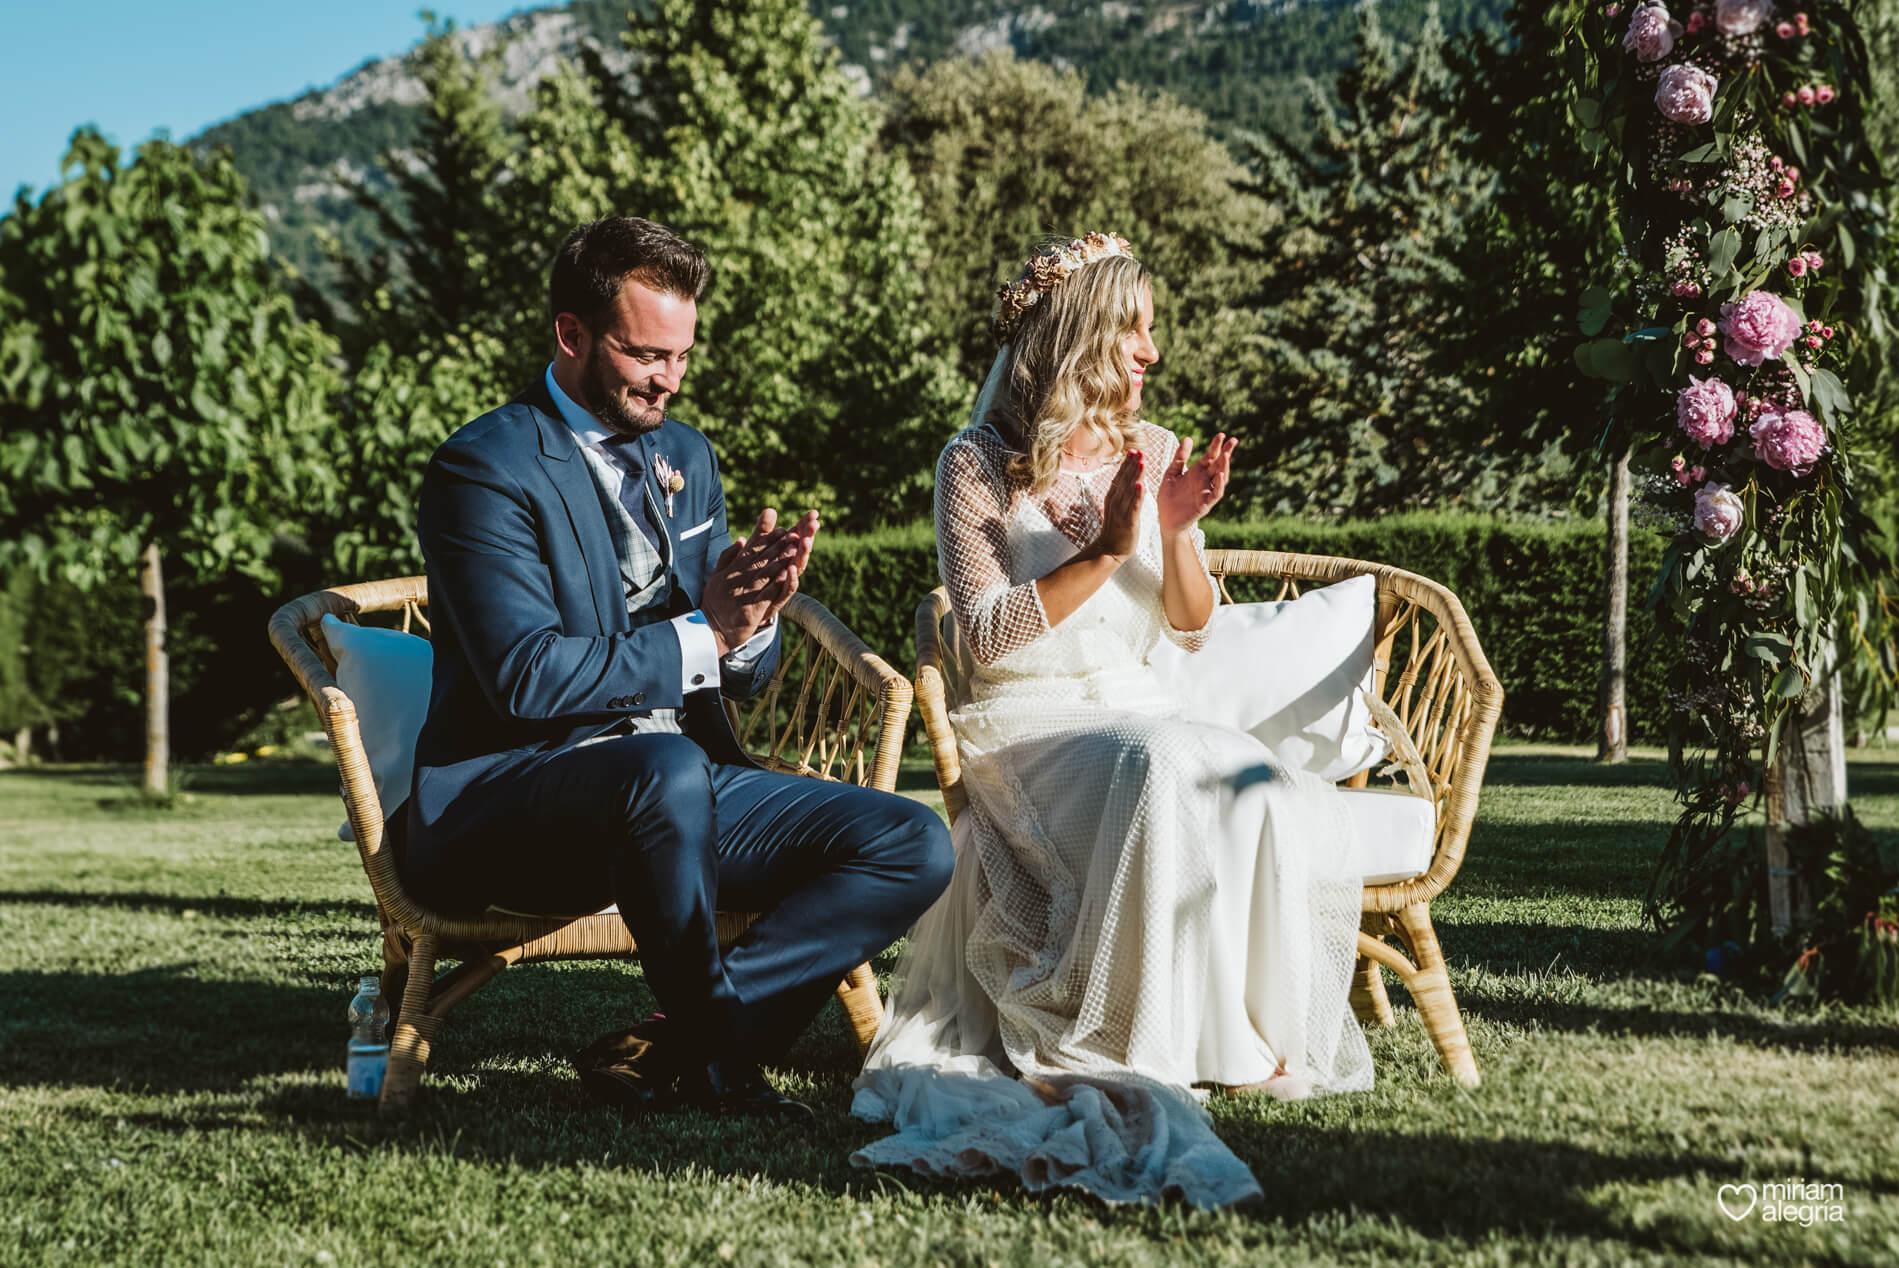 boda-en-collados-miriam-alegria-cayetana-ferrer-50